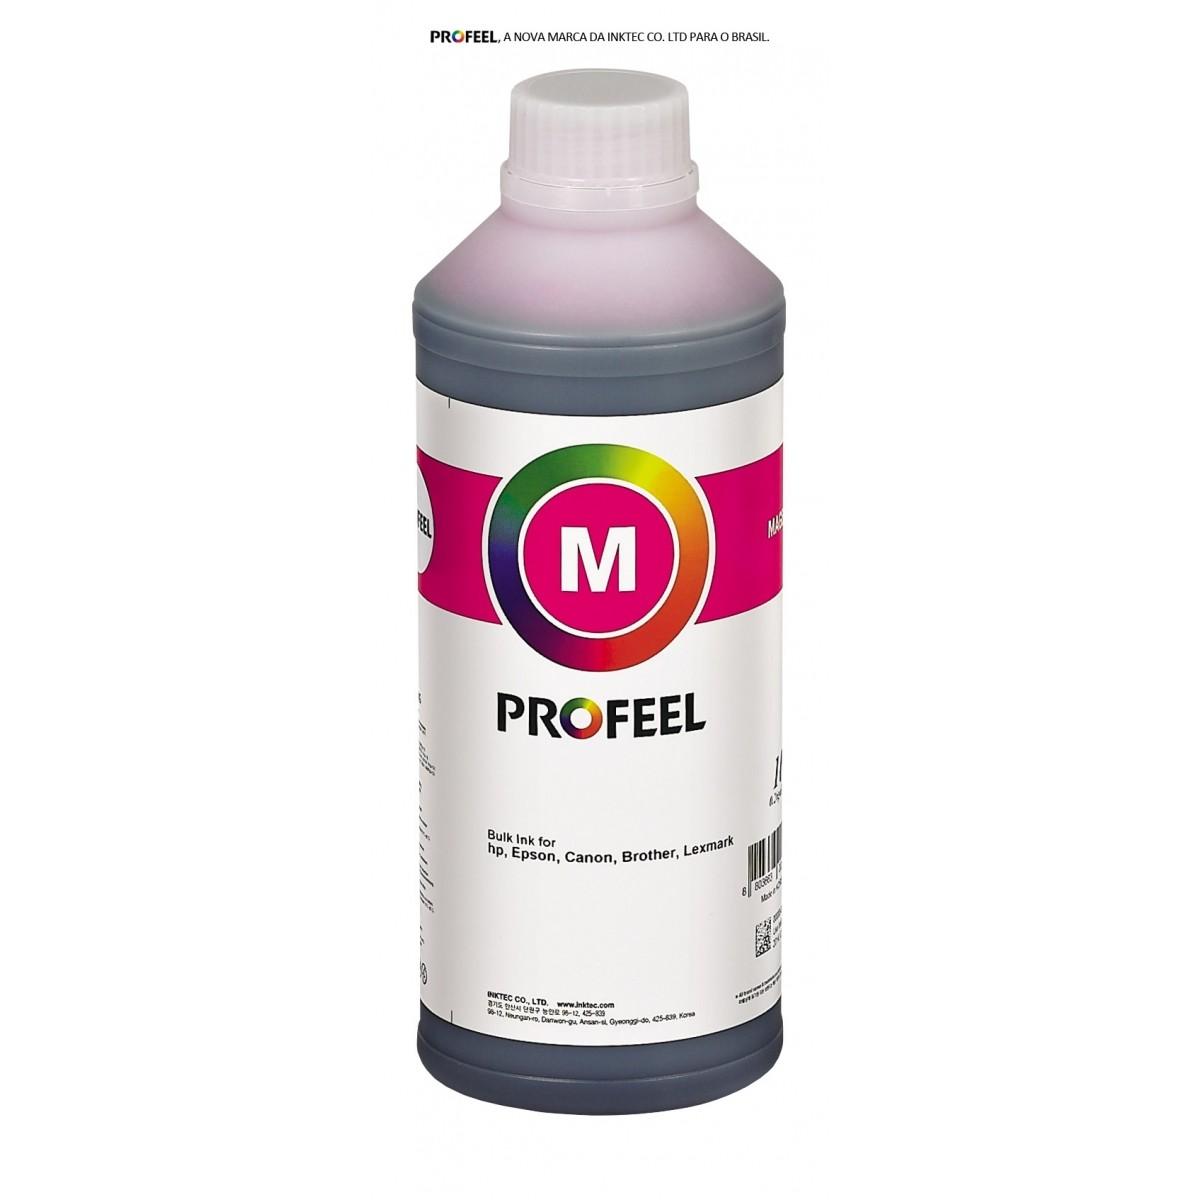 Tinta corante InkTec Profeel modelo H1061-01LM | Frasco de 1 litro | Cor : Magenta